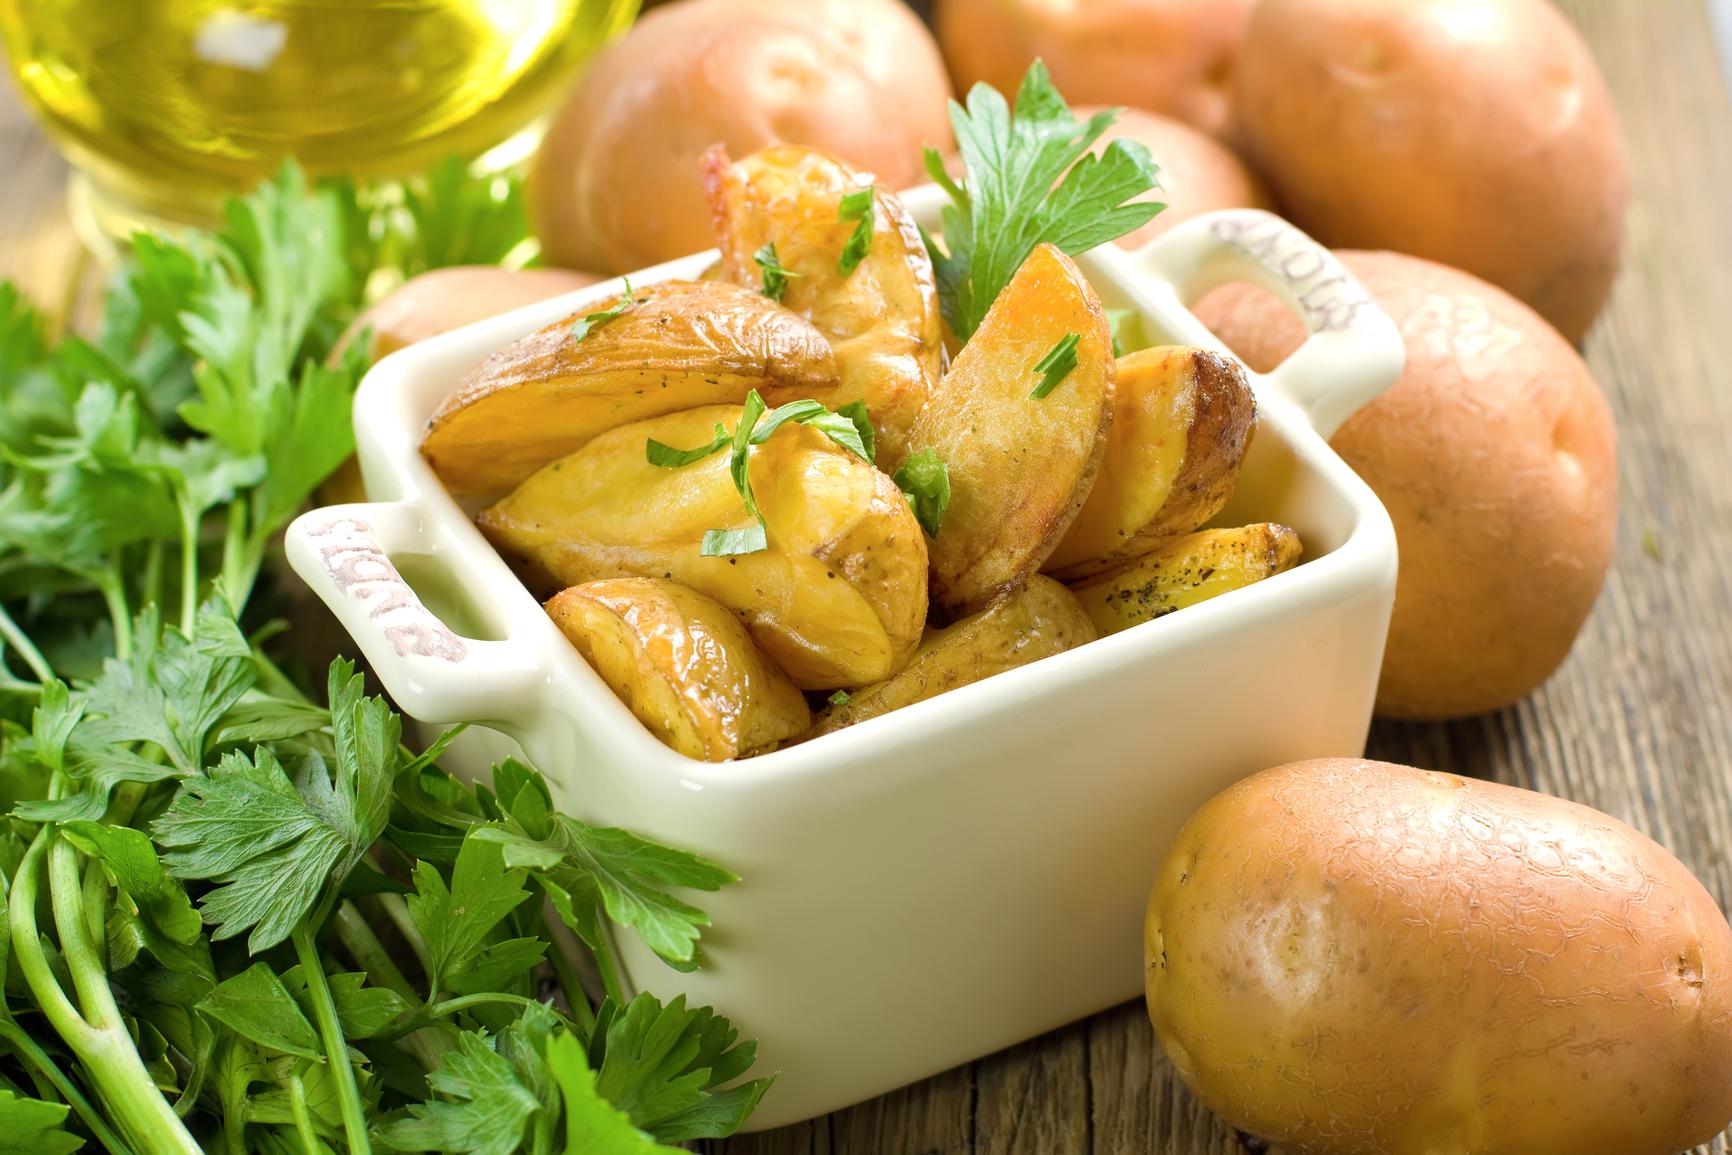 Картофель помогает похудеть